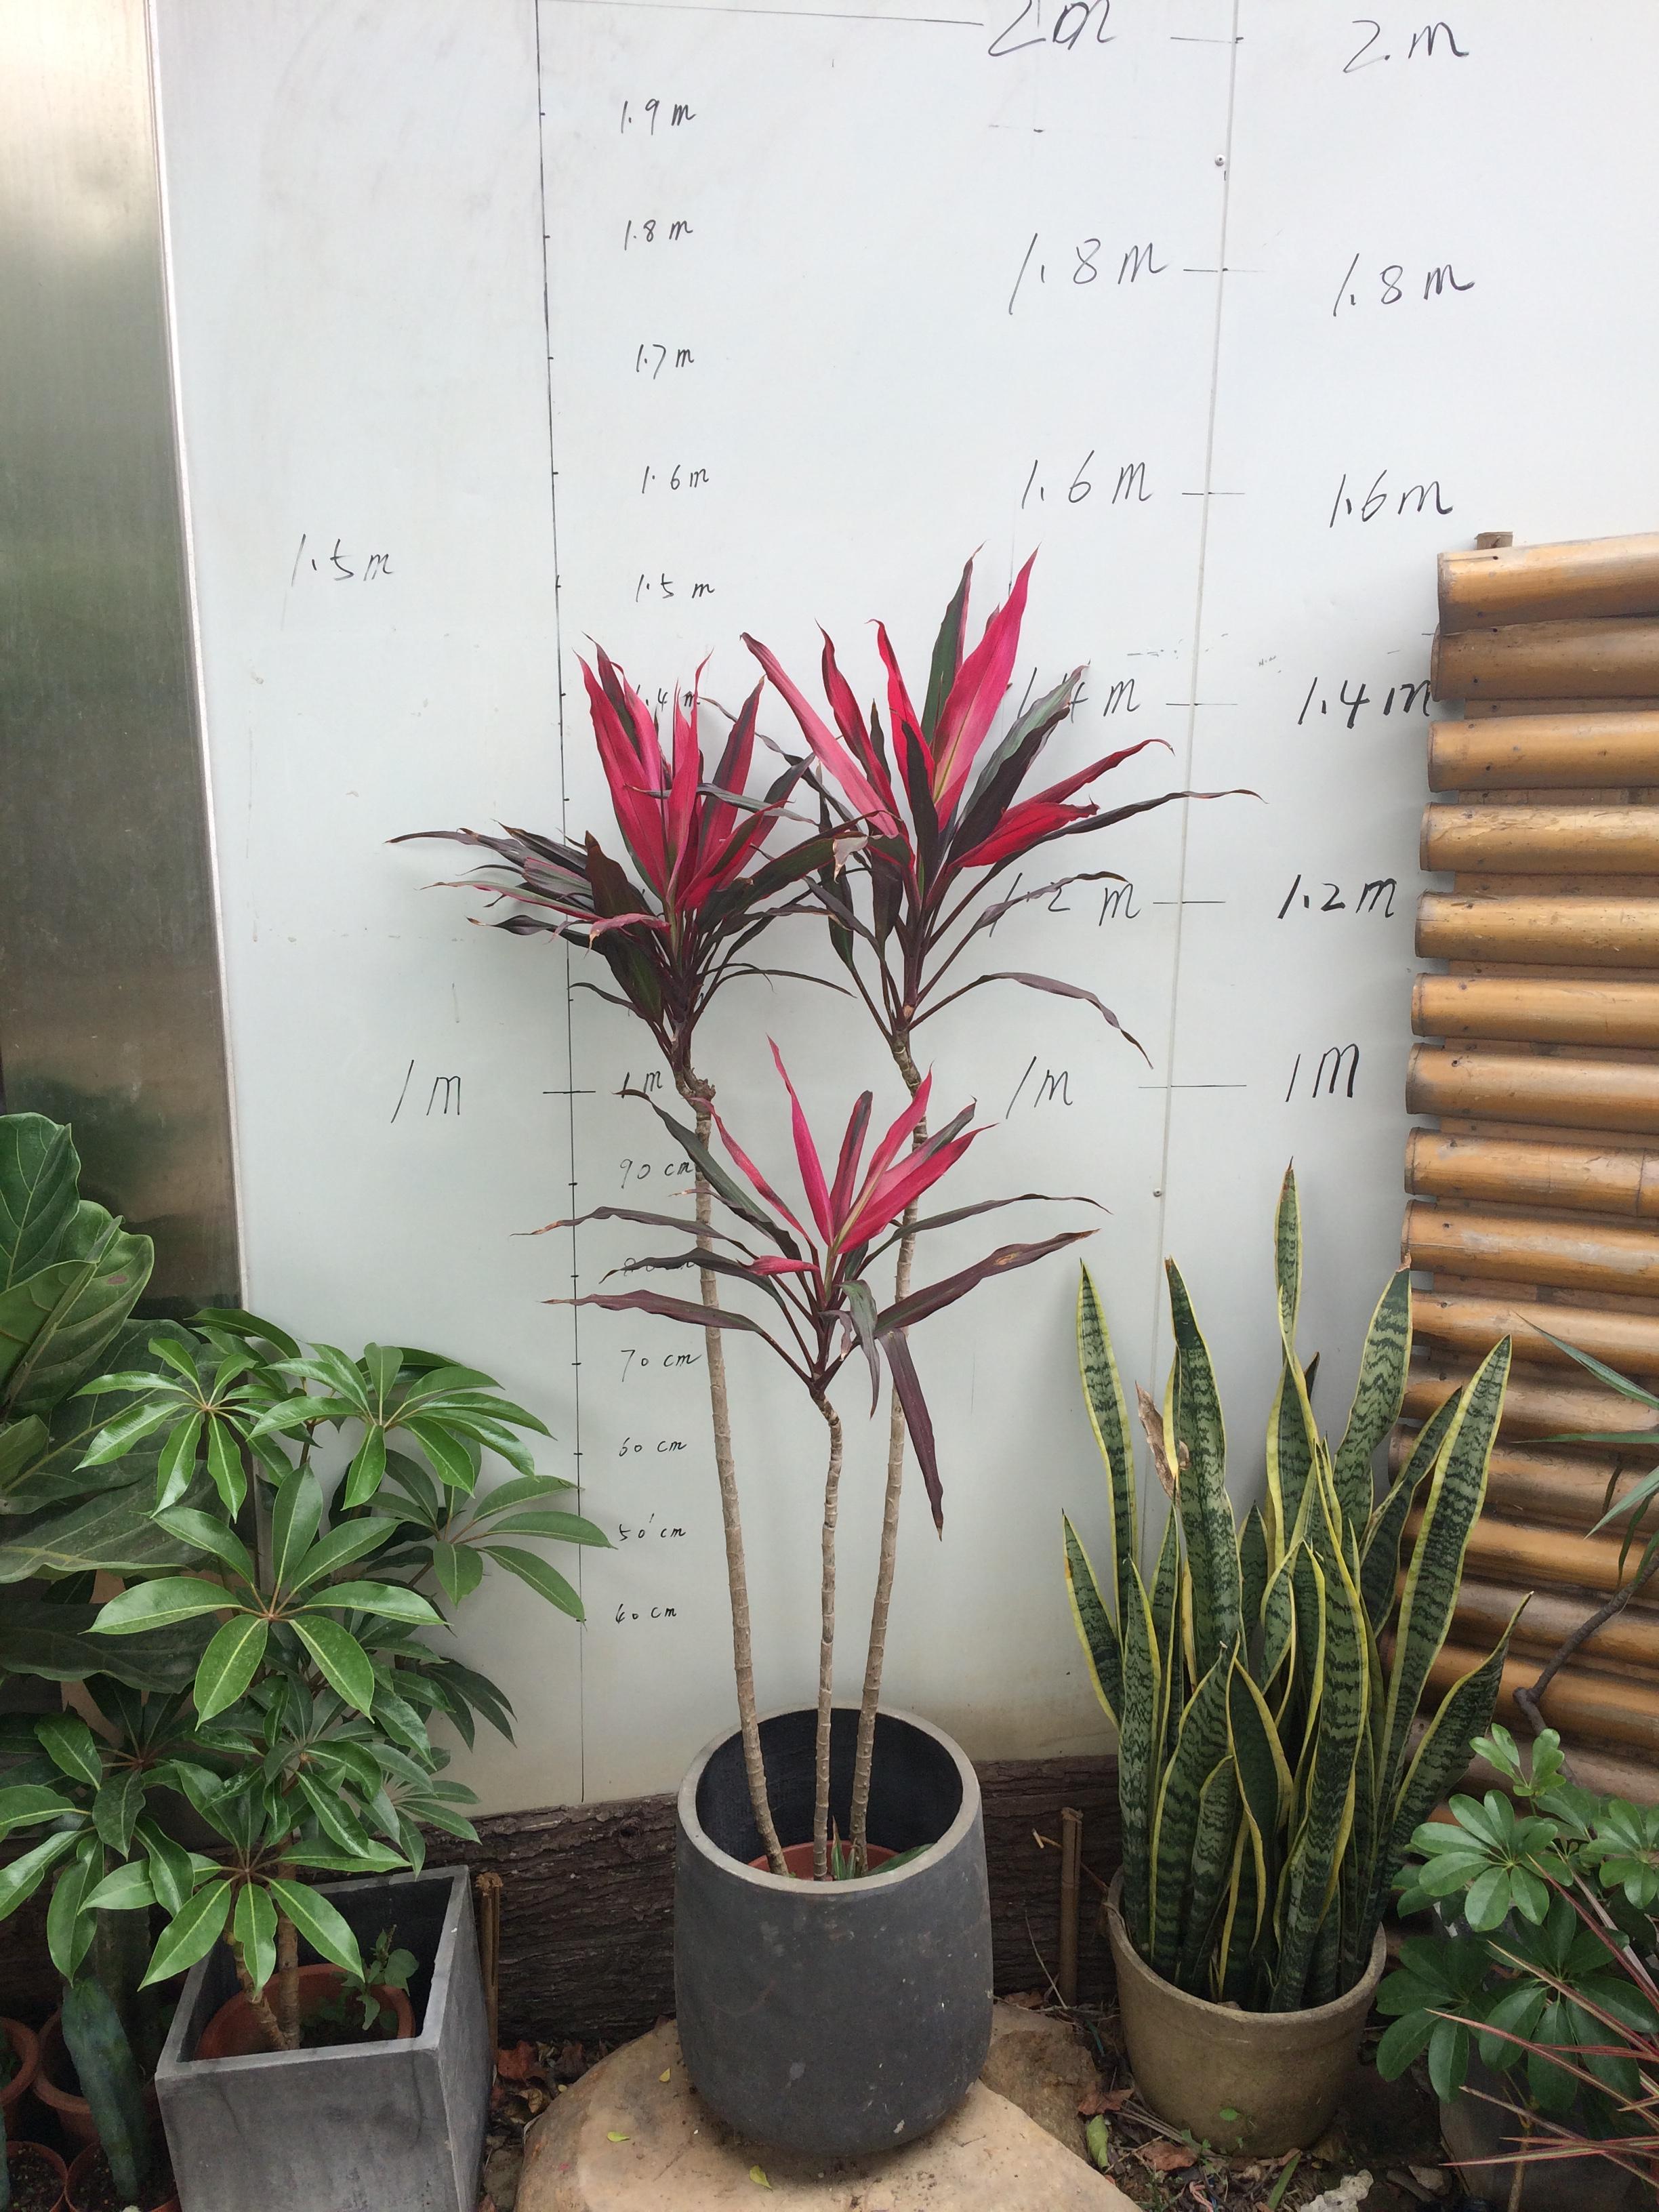 琼阳园艺 老桩孔雀红铁 红竹 紫叶 富贵竹 水培庭院花卉植物 盆栽